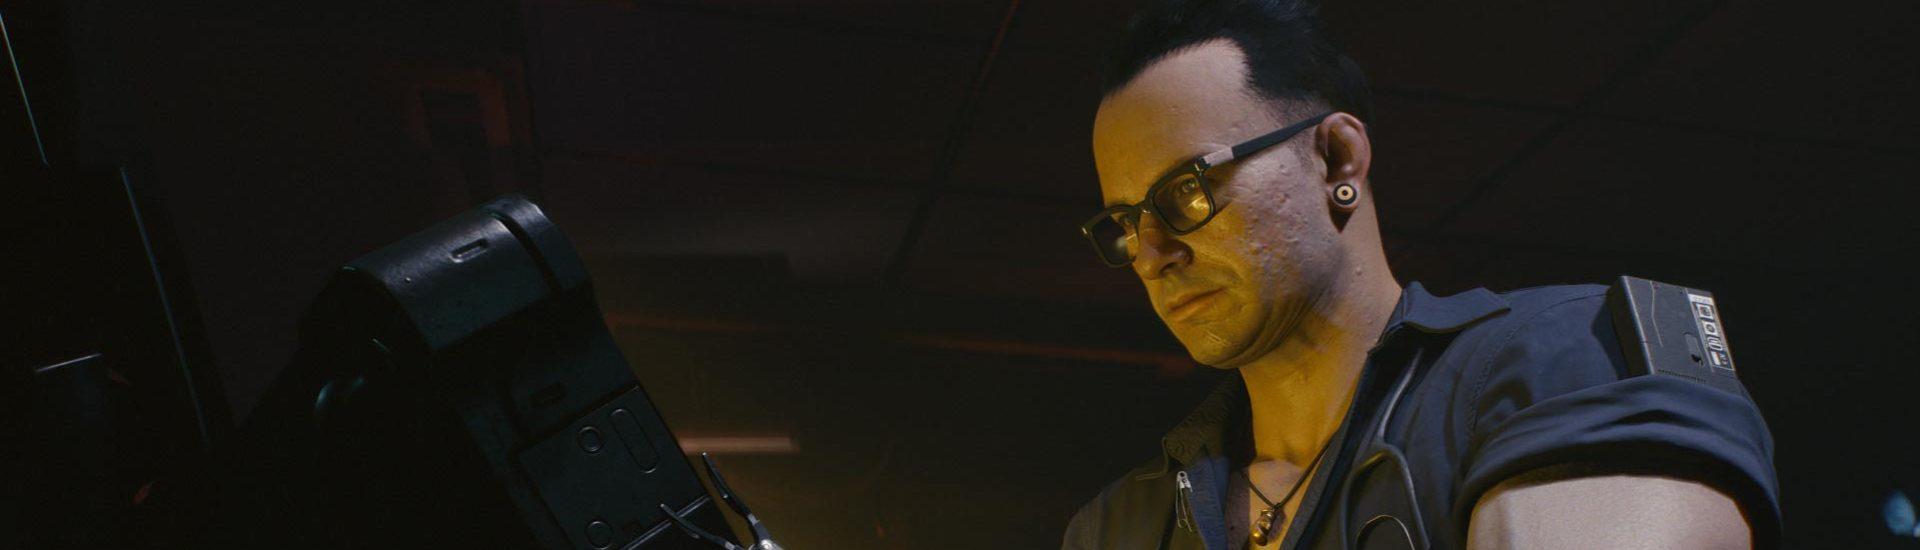 Cyberpunk 2077 – Leak enthüllt 13 DLCs